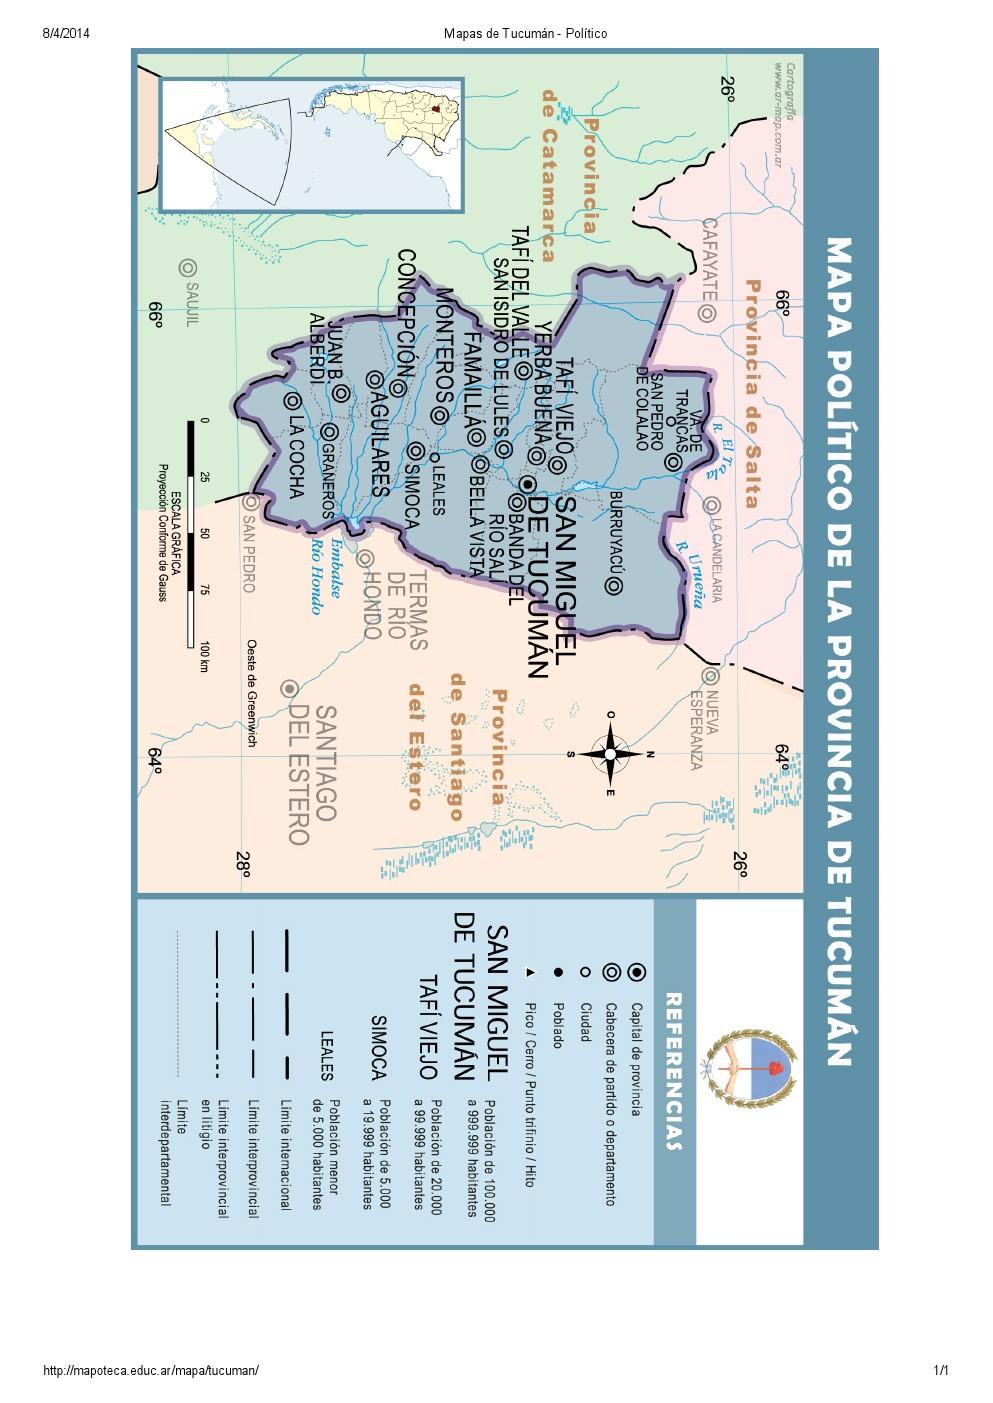 Mapa de capitales de Tucumán. Mapoteca de Educ.ar